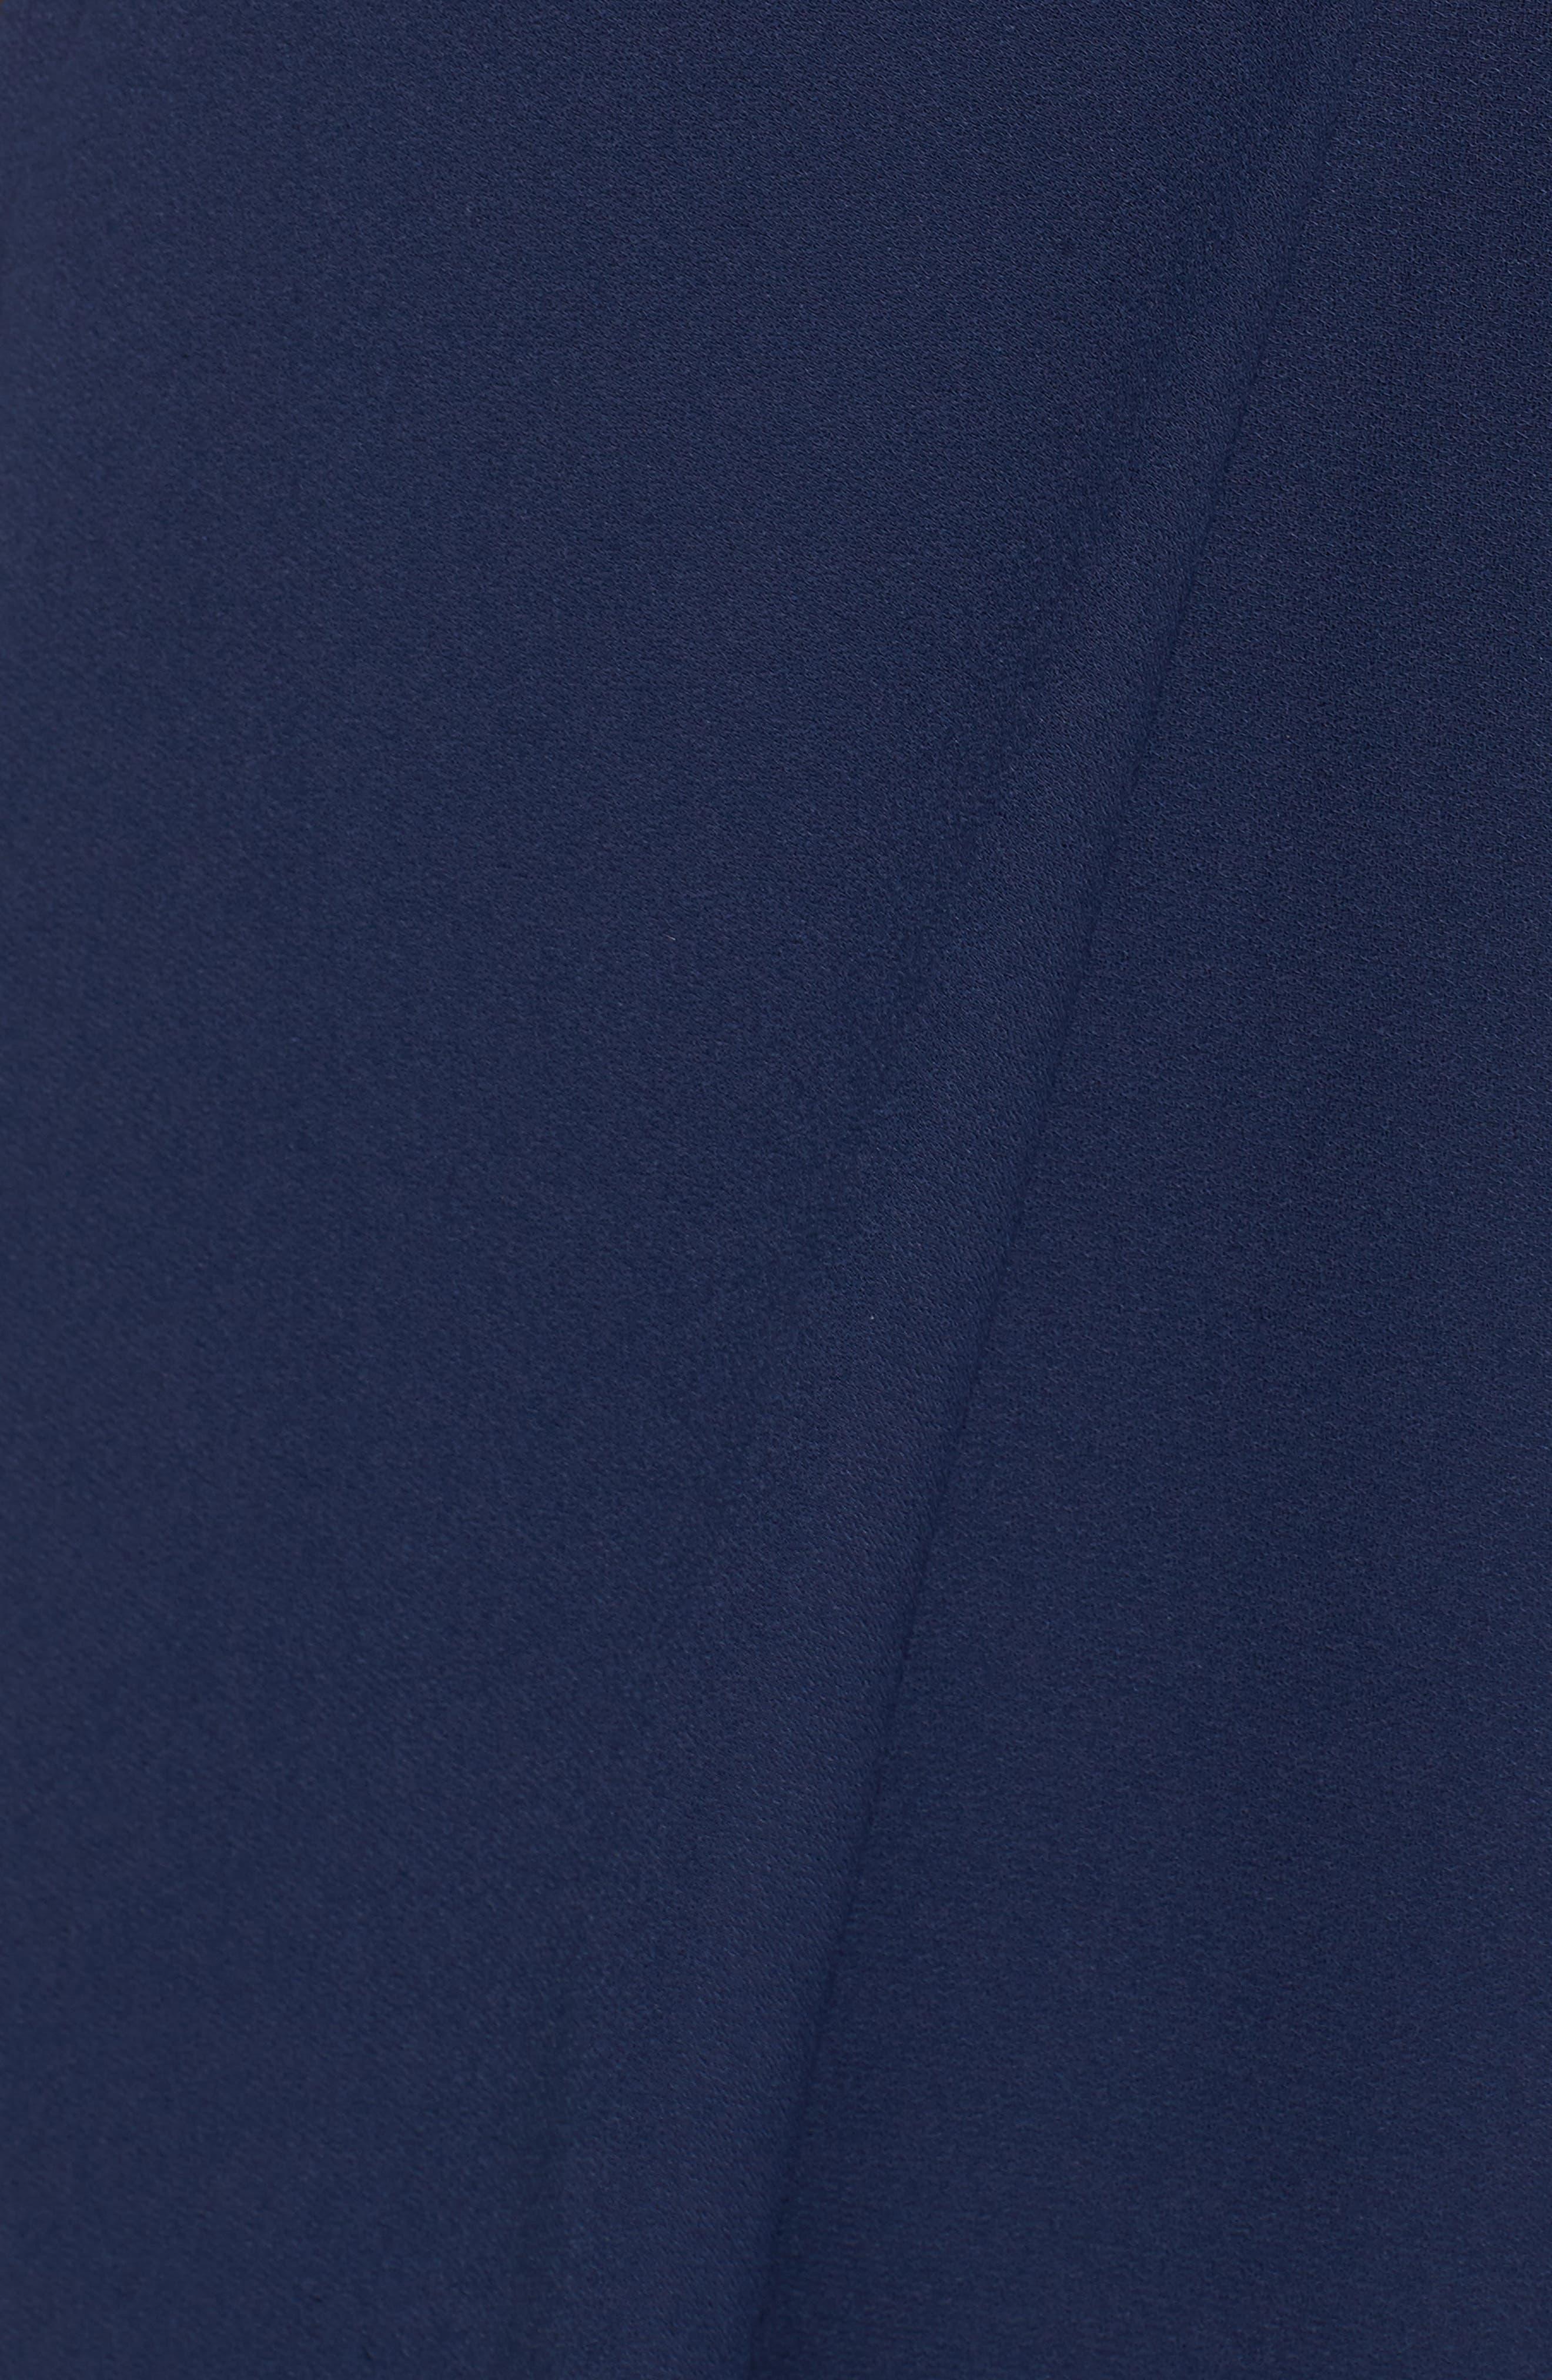 Strapless Crepe Minidress,                             Alternate thumbnail 5, color,                             Navy